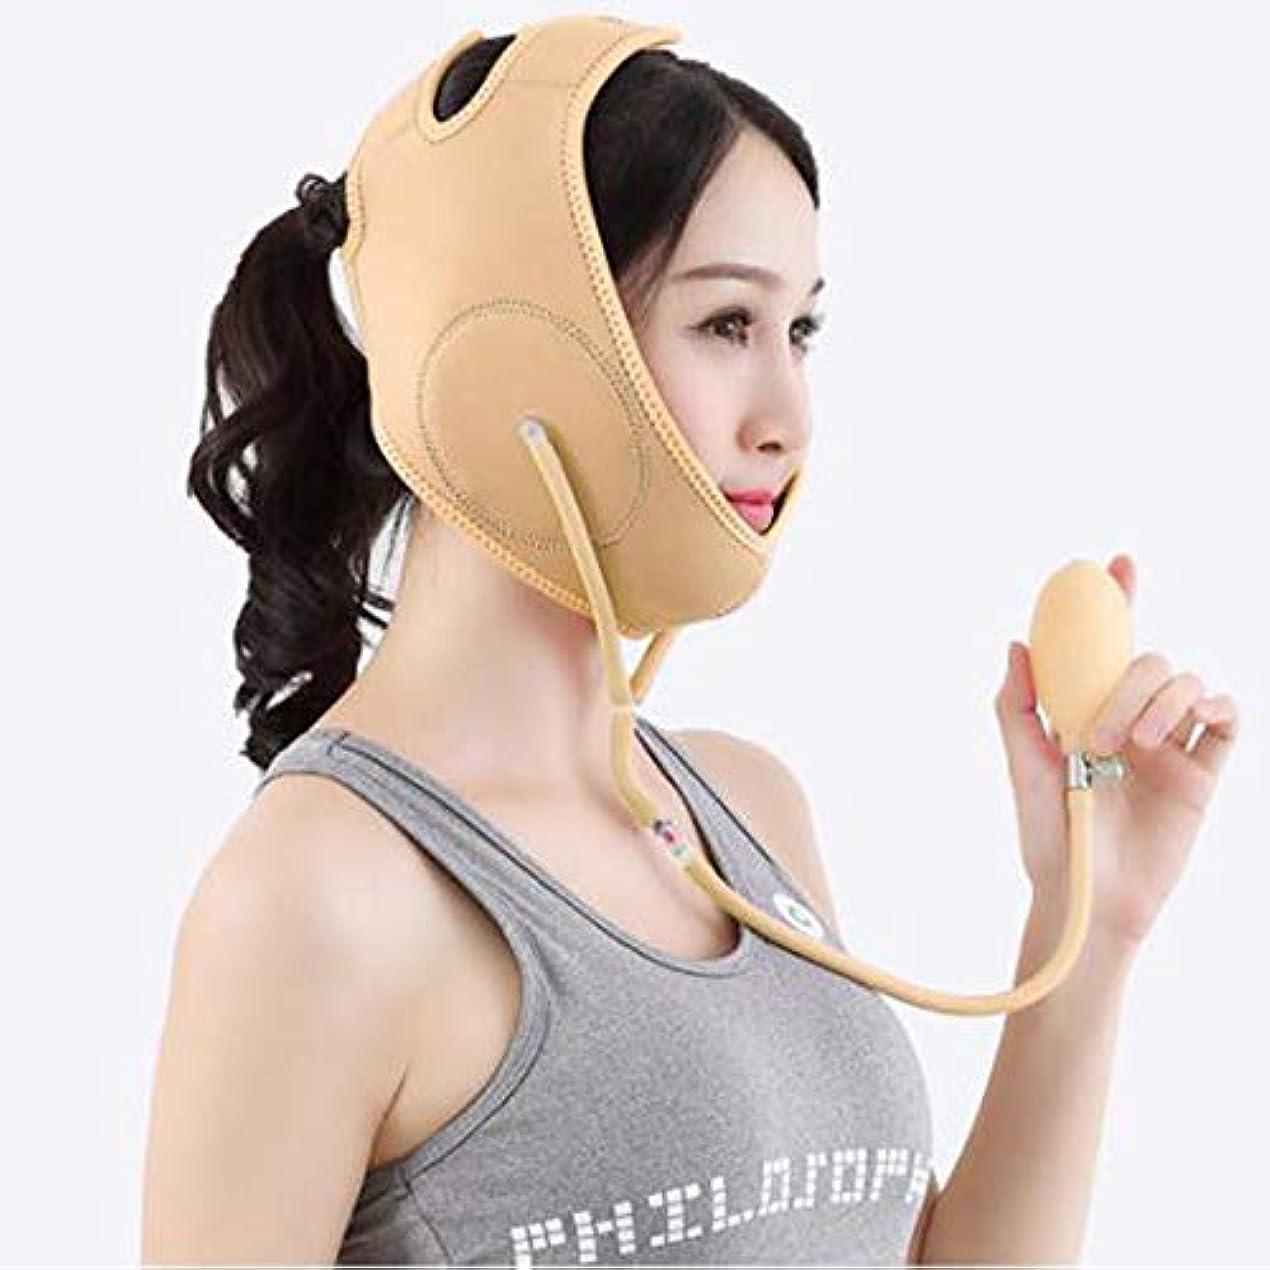 質量気性レザーMinmin フェイシャルリフティング痩身ベルトダブルエアバッグ圧力調整フェイス包帯マスク整形マスクが顔を引き締める みんみんVラインフェイスマスク (Color : Beige, Size : M)